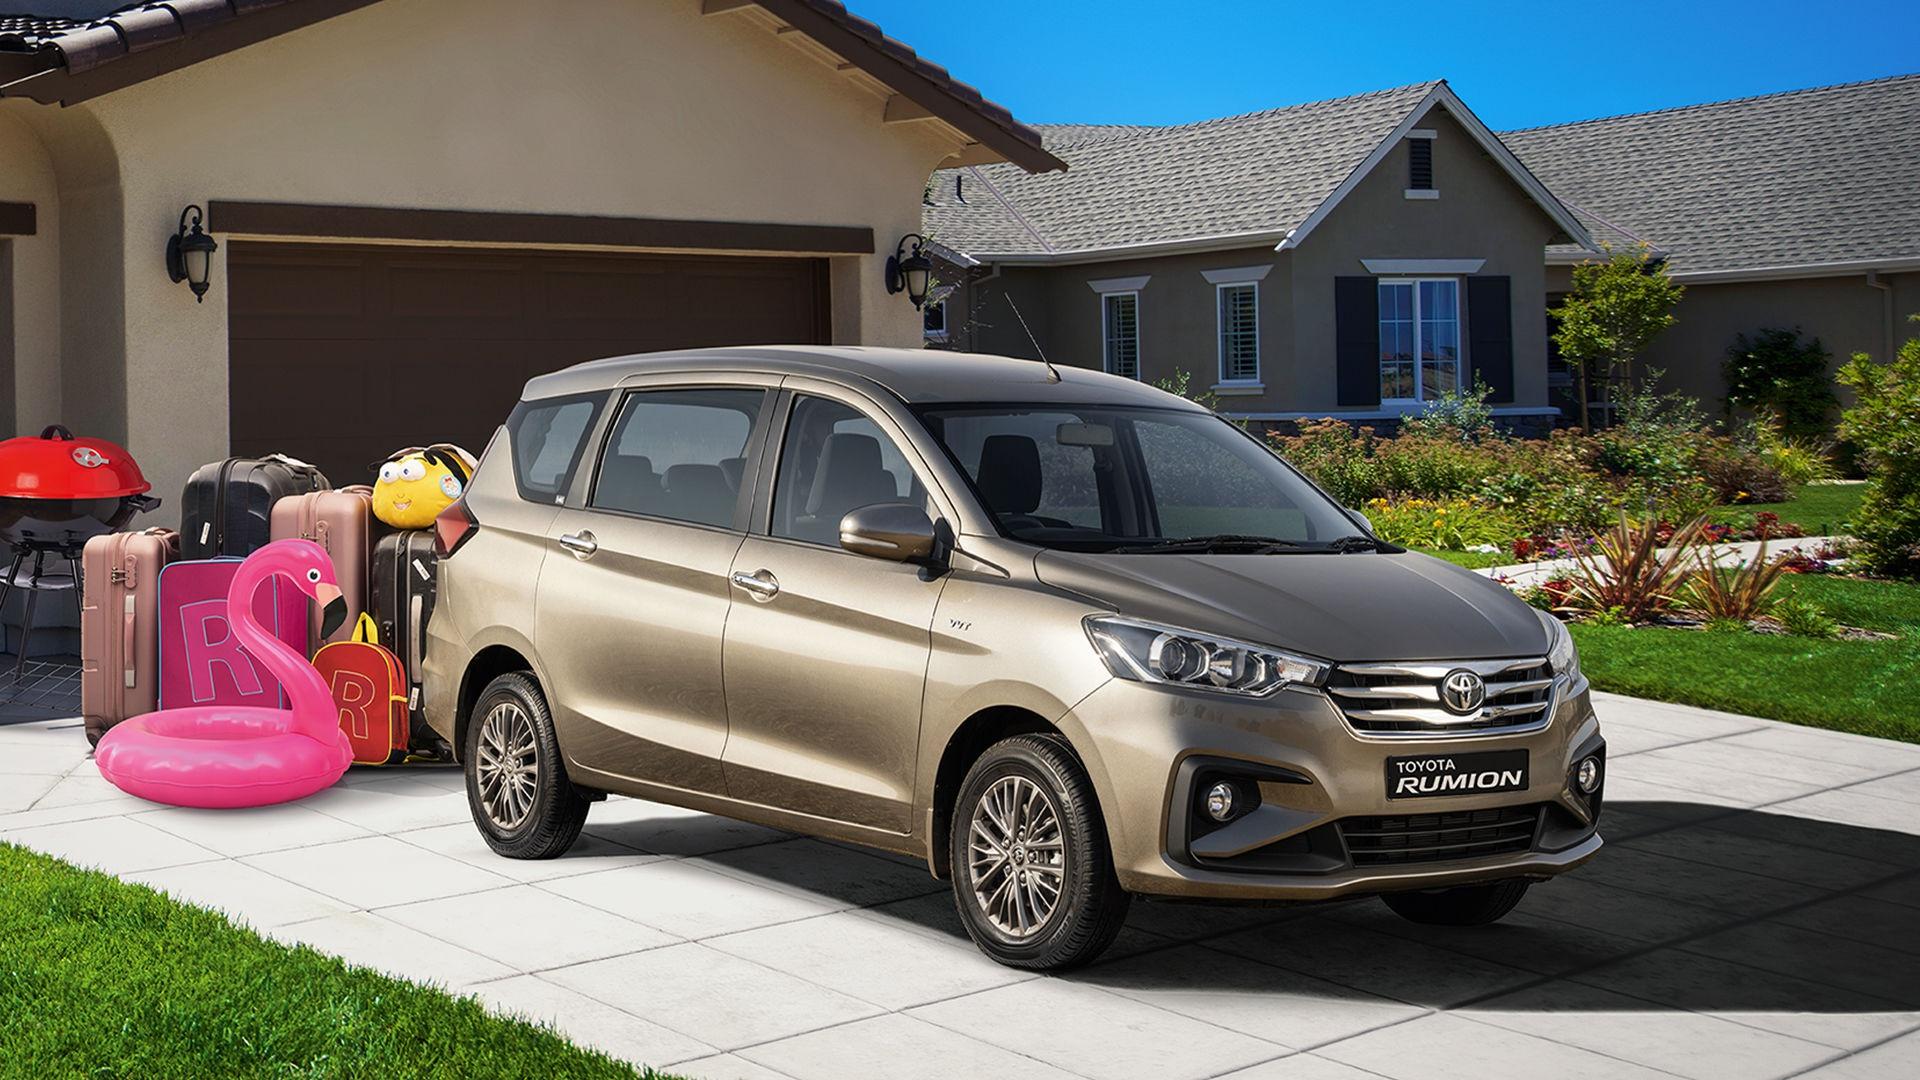 Toyota giới thiệu xe 7 chỗ mới tại Nam Phi - ảnh 1